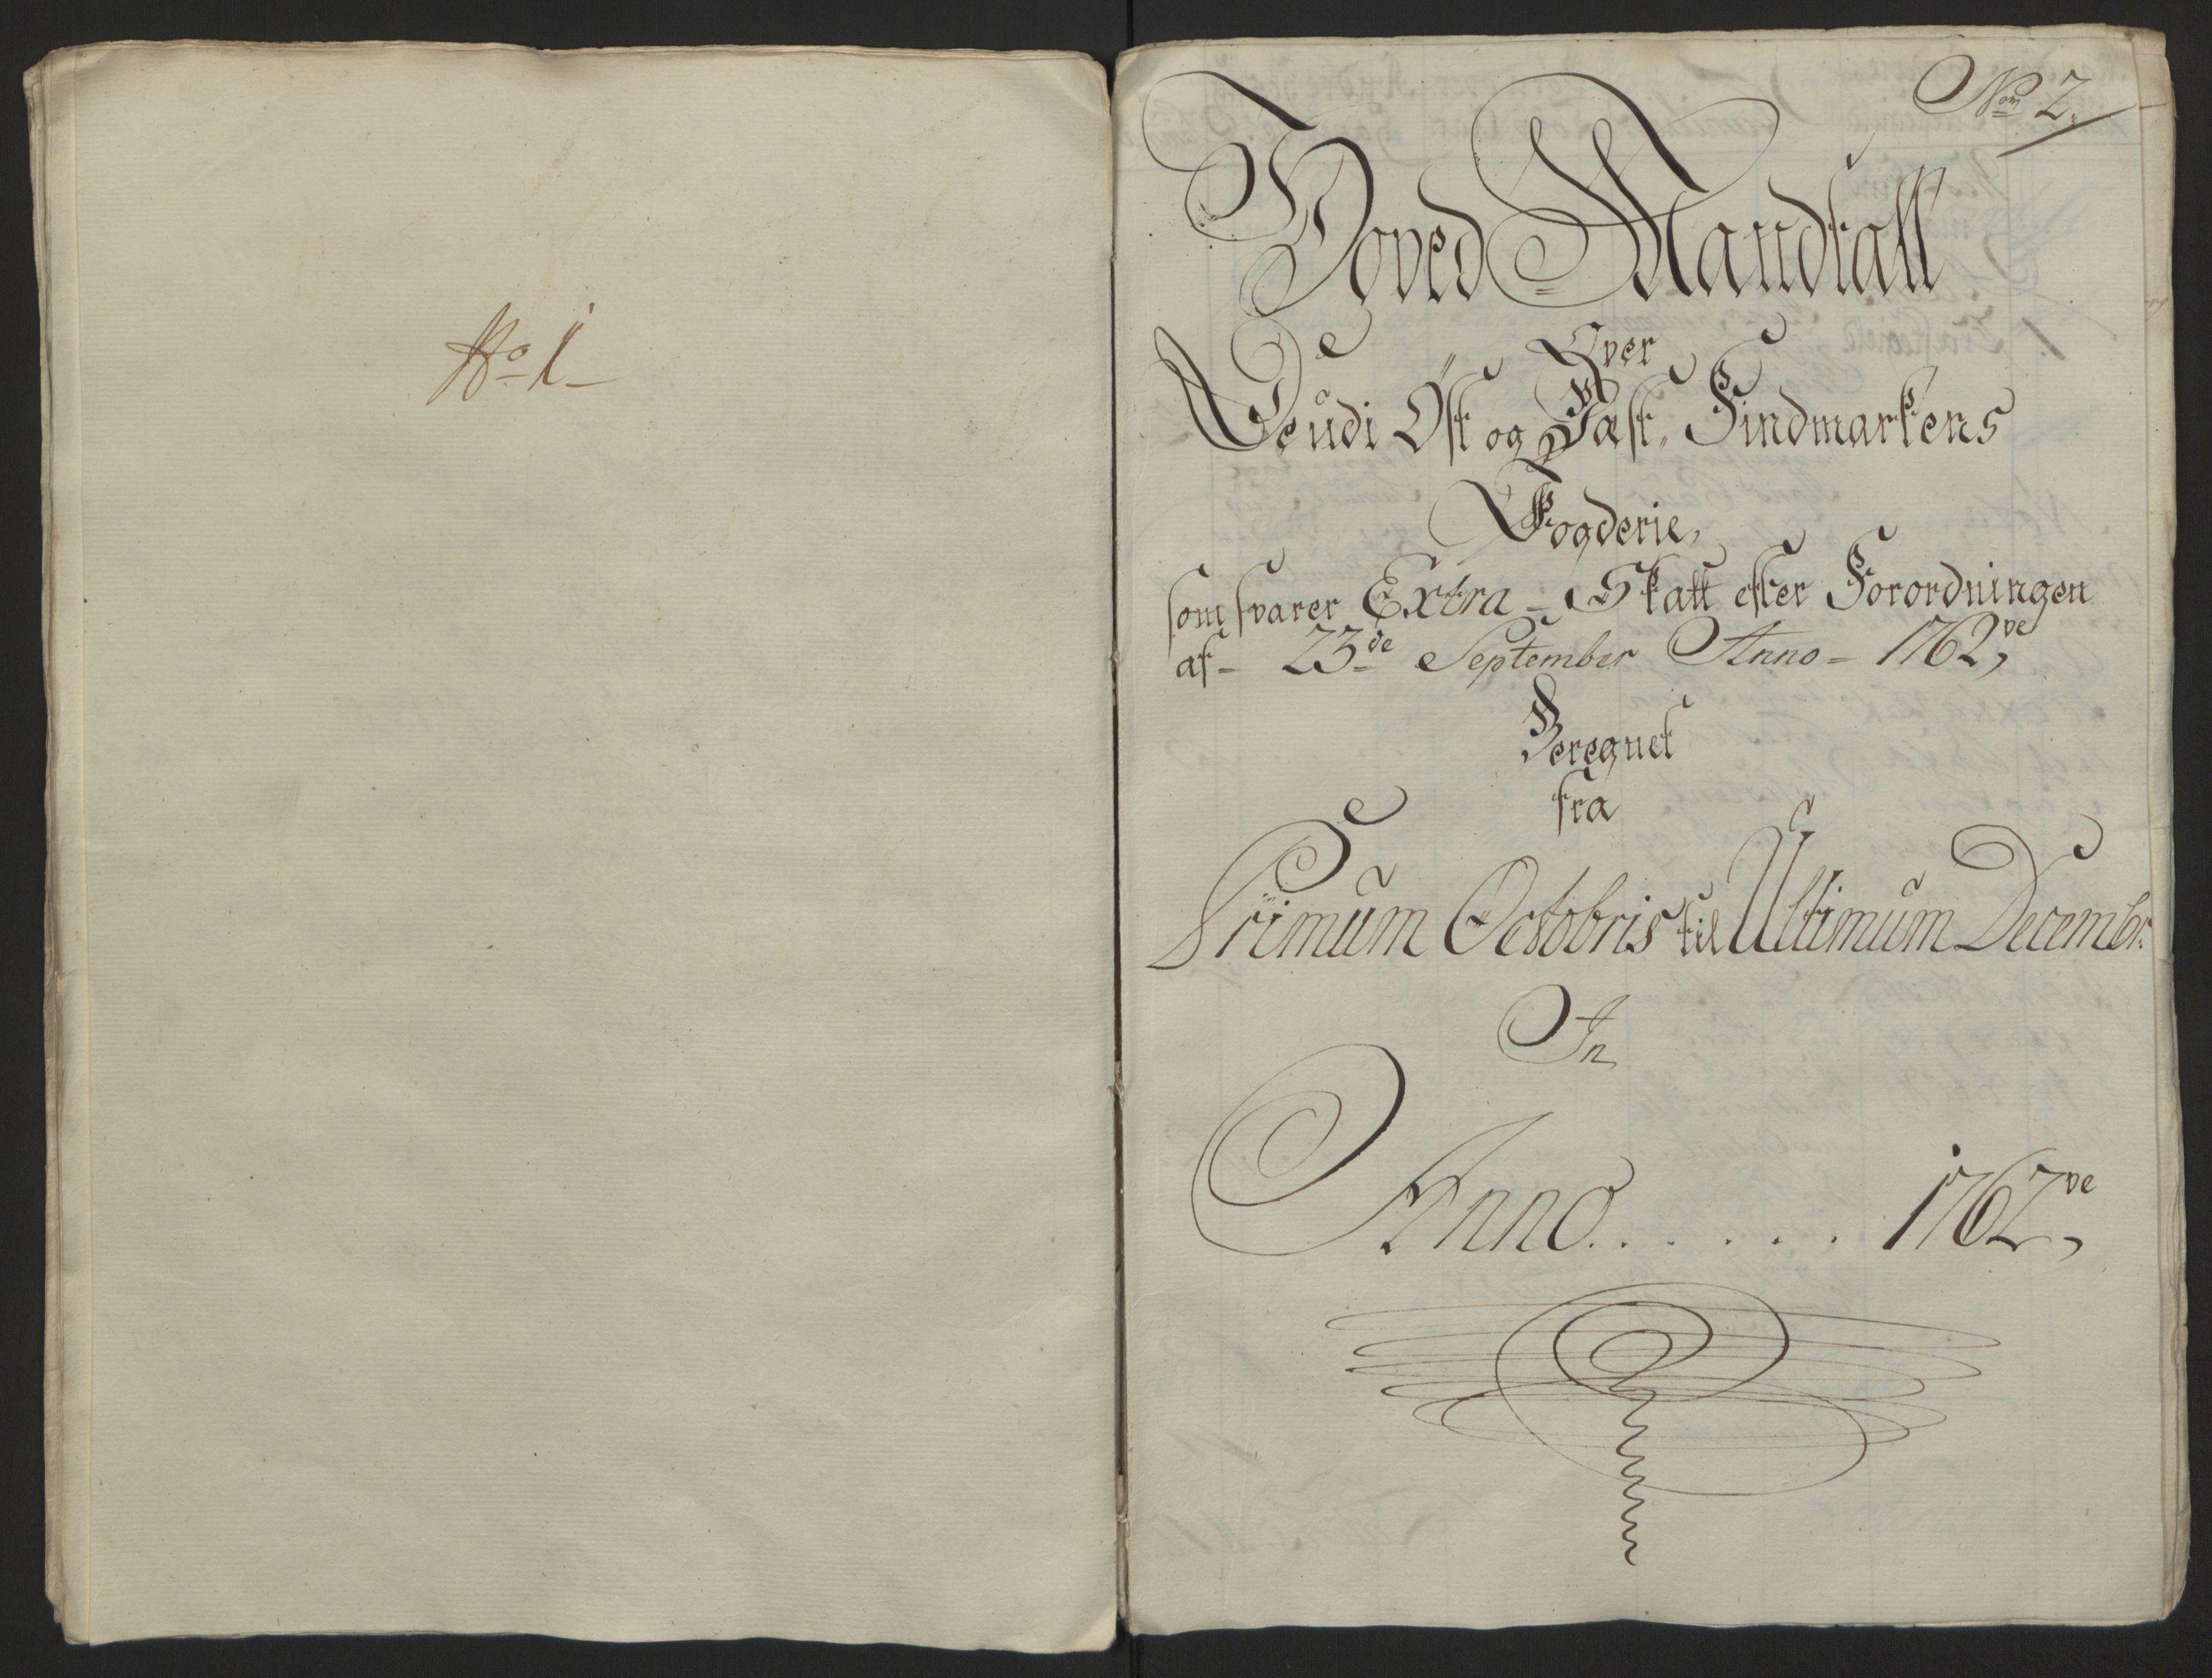 RA, Rentekammeret inntil 1814, Reviderte regnskaper, Fogderegnskap, R69/L4910: Ekstraskatten  Finnmark/Vardøhus, 1762-1772, s. 17